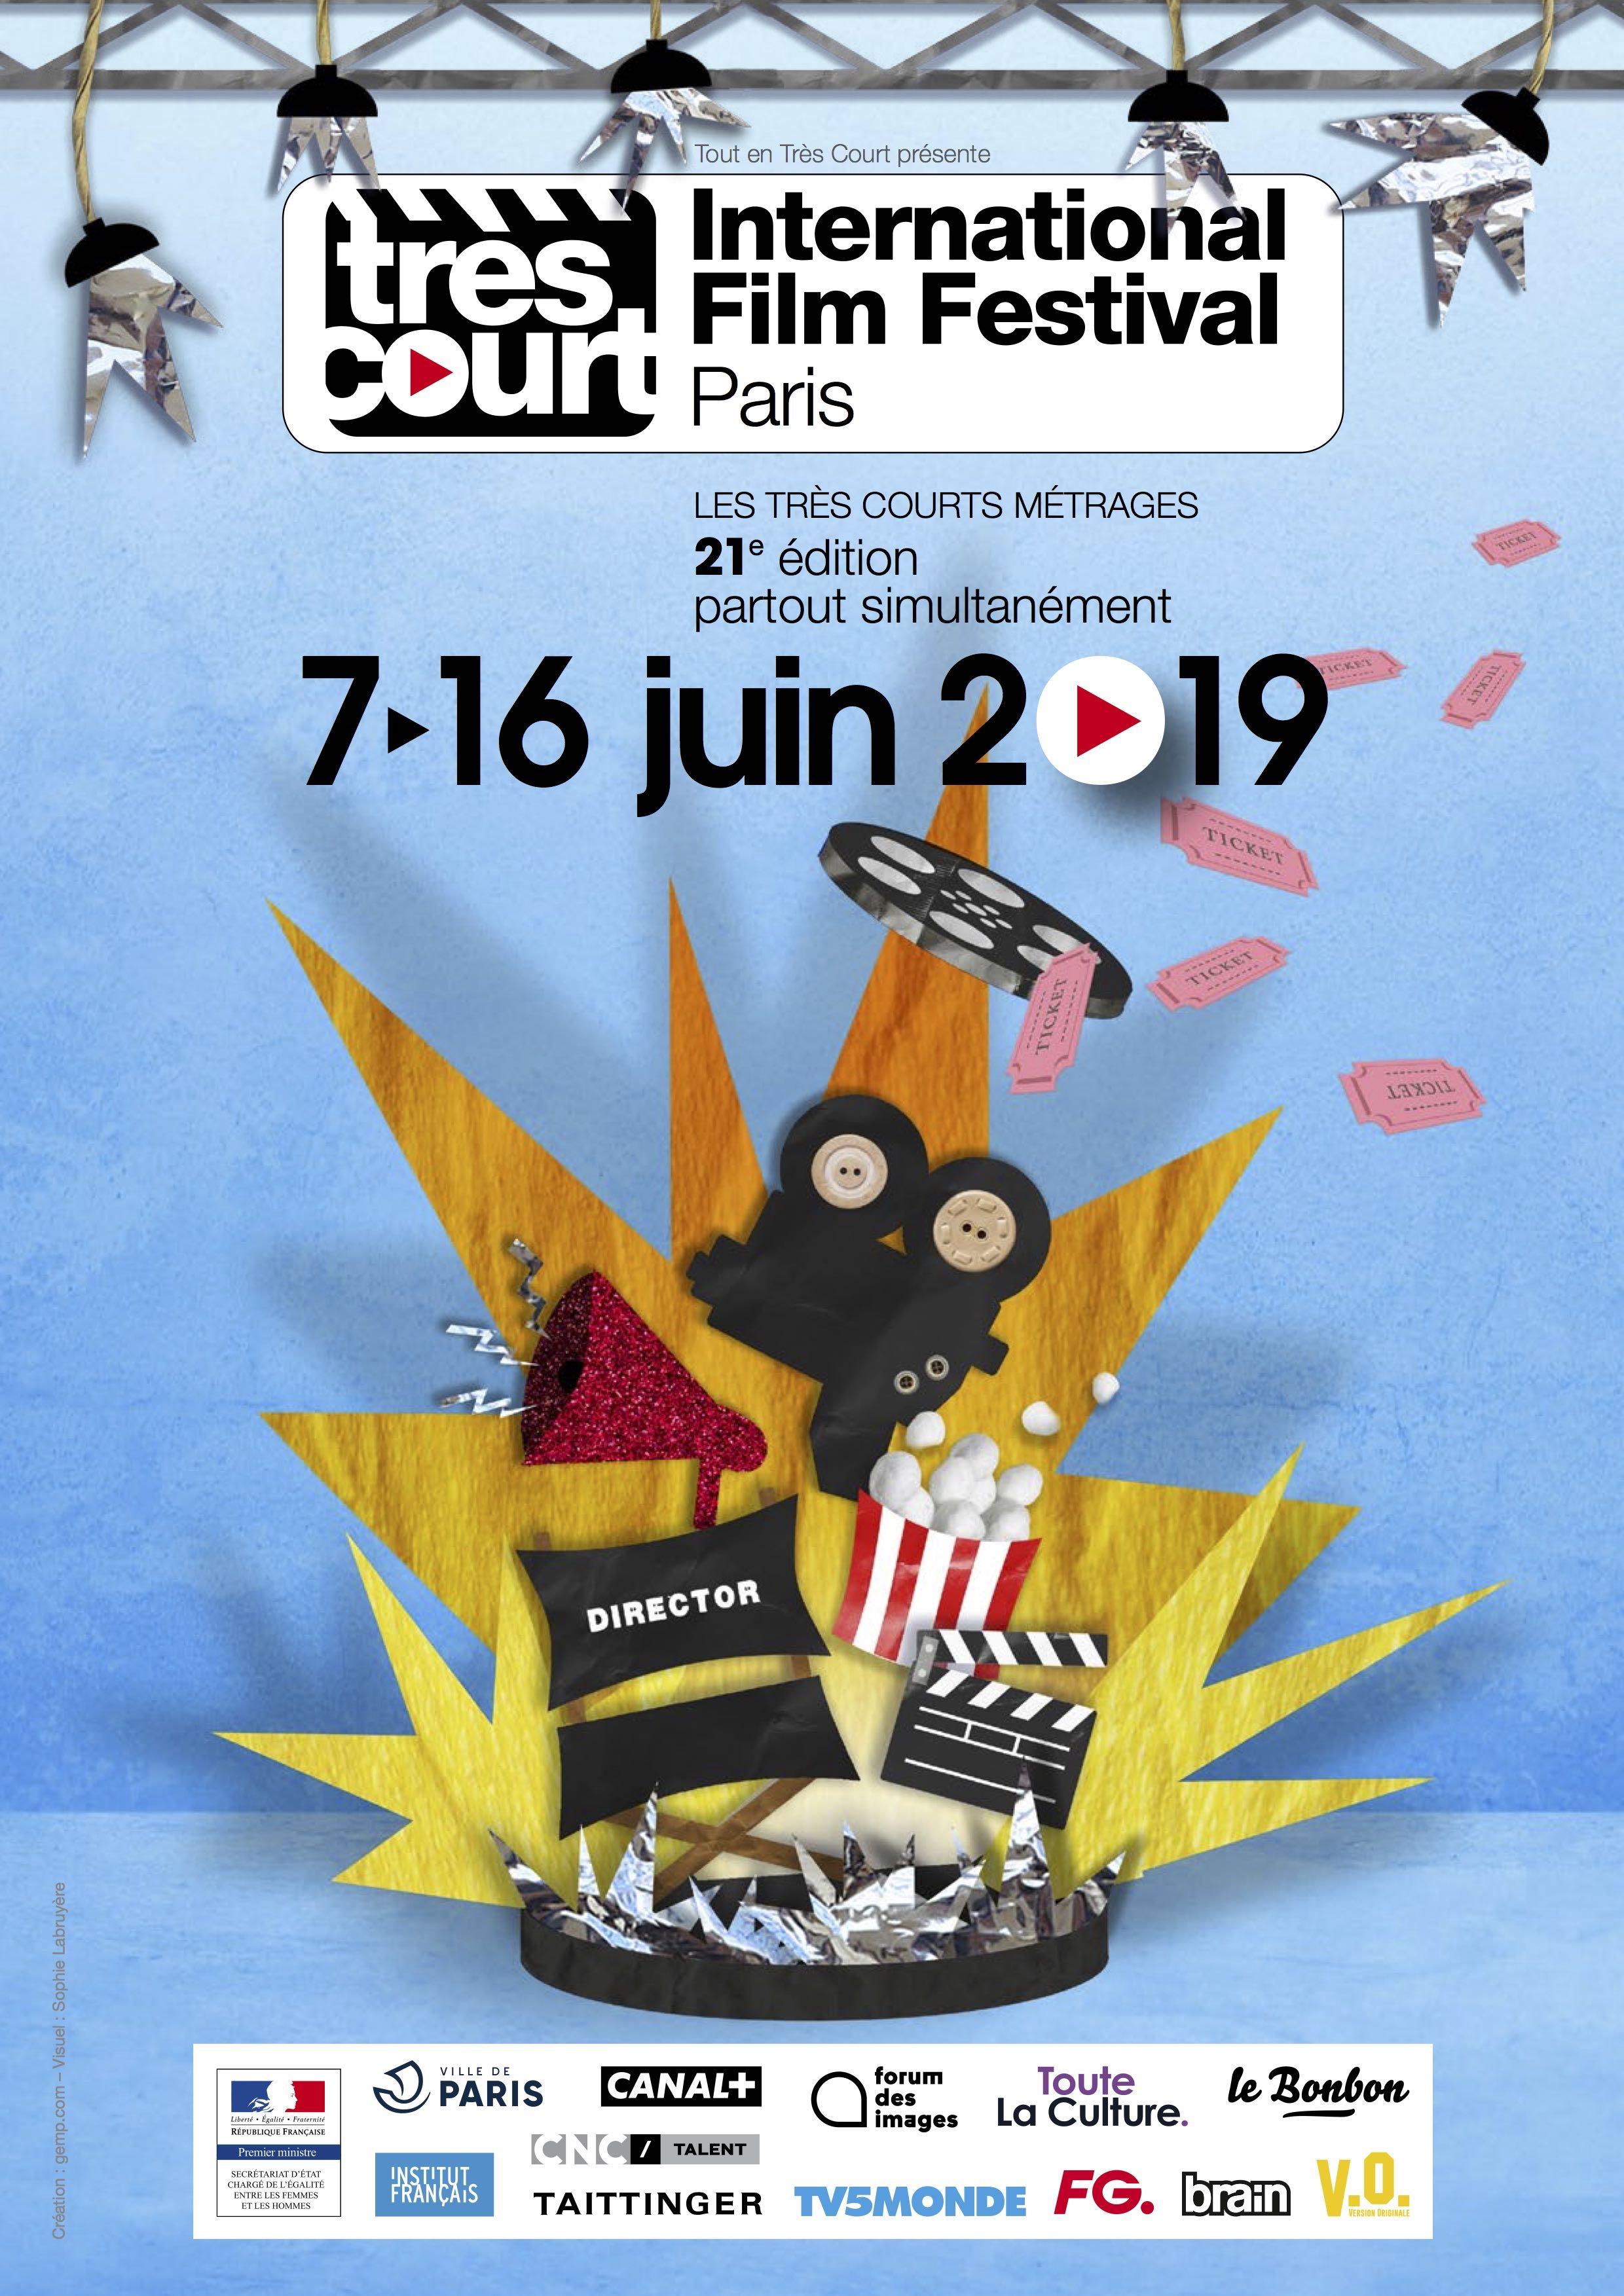 tres court international film festival, cinema, court metrage, climat, environnement, forum des images, paroles de femmes